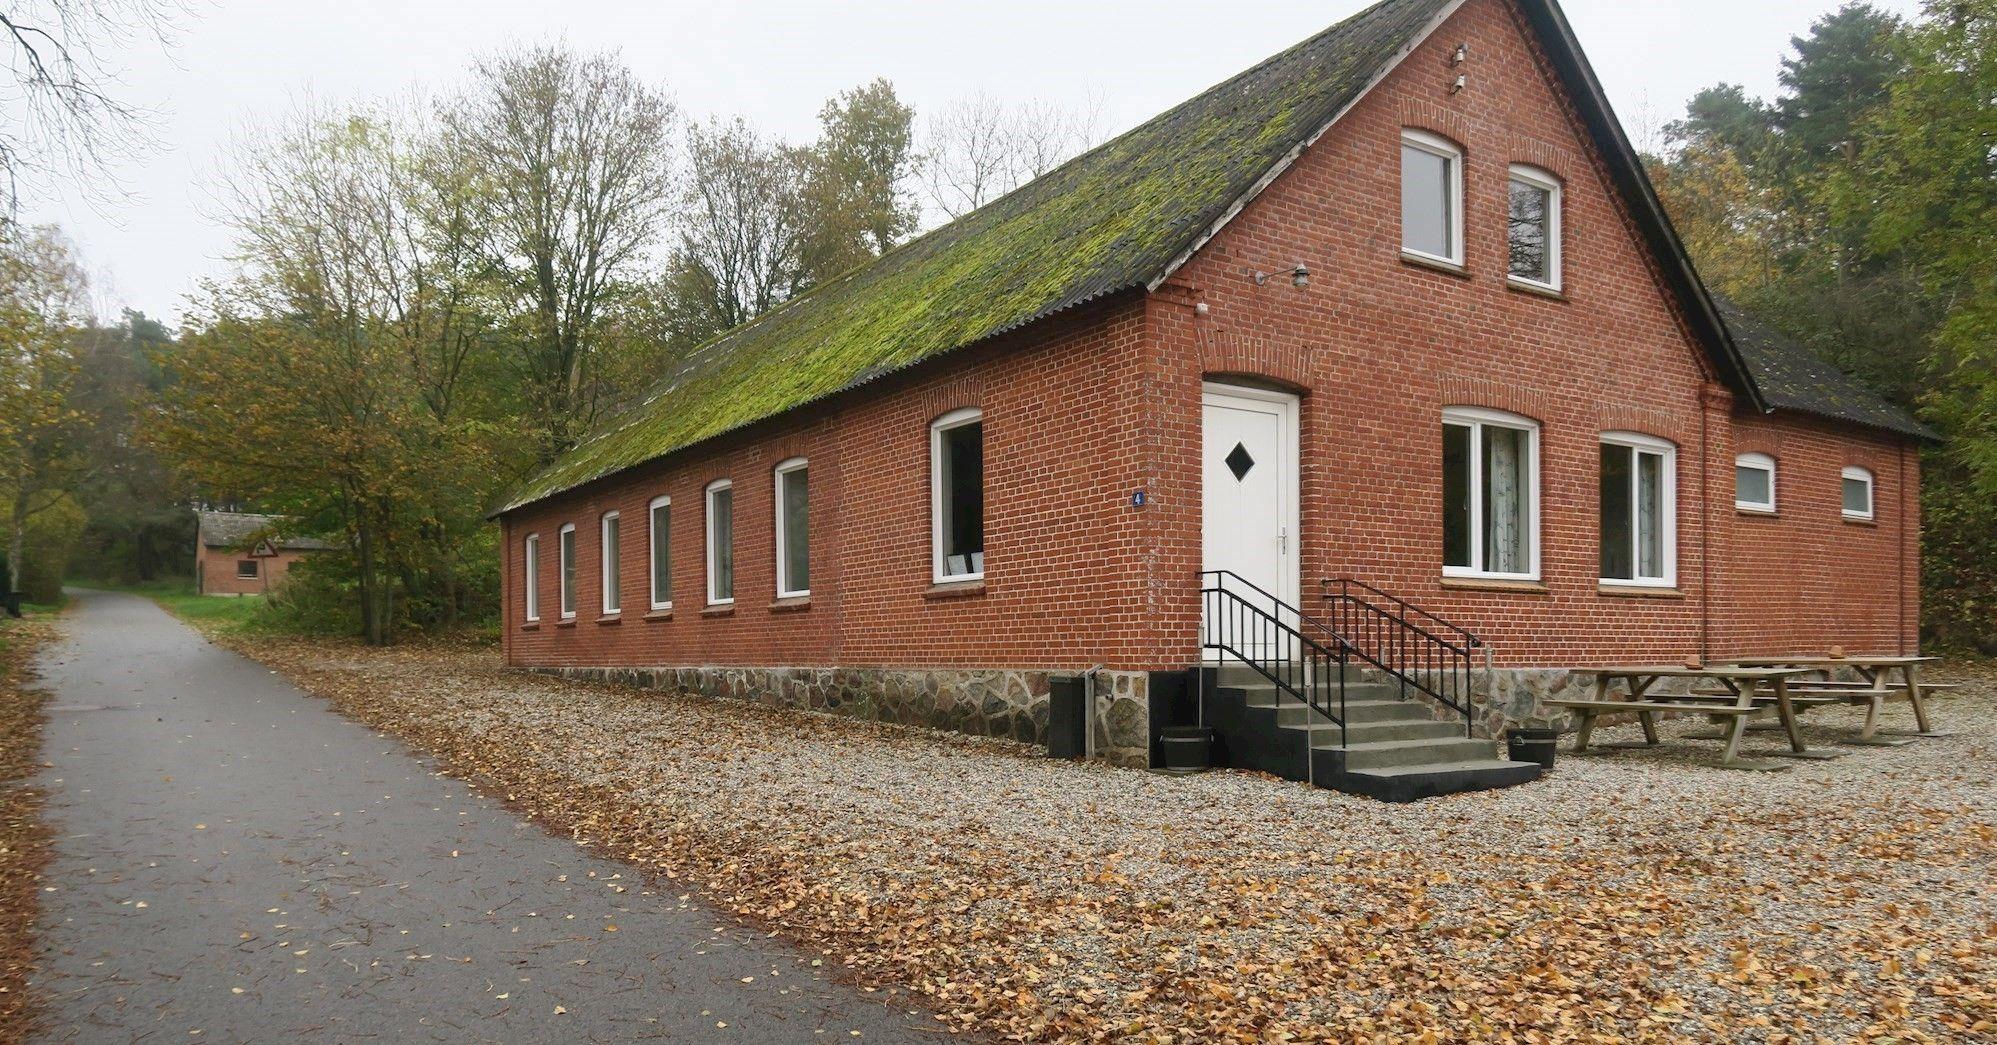 Tindbæk Forsamlingshus